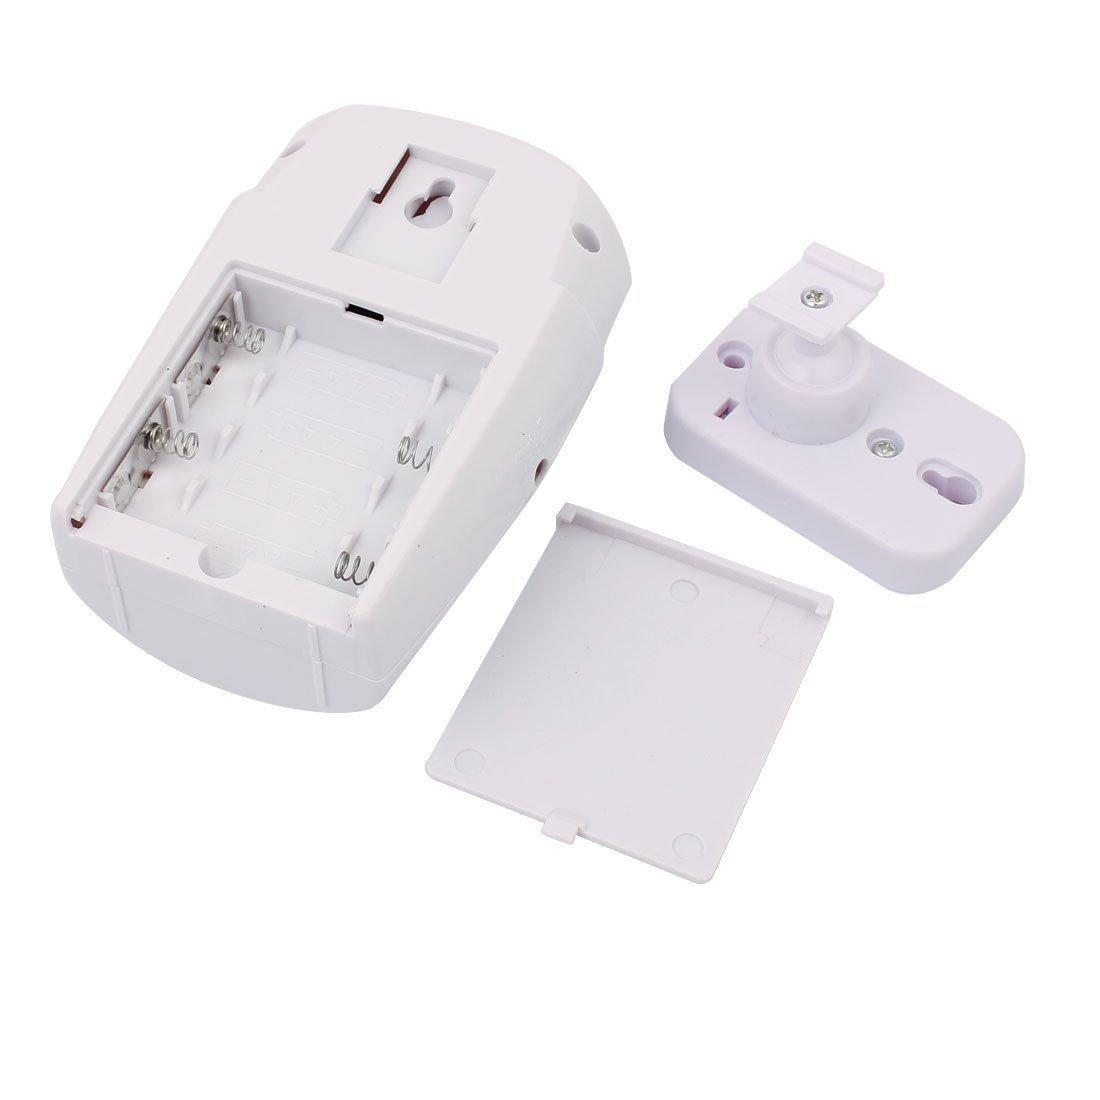 eDealMax inalámbrica inteligente 2 en 1 Sistema de Alarma Detector de movimiento PIR de alerta de seguridad: Amazon.com: Industrial & Scientific